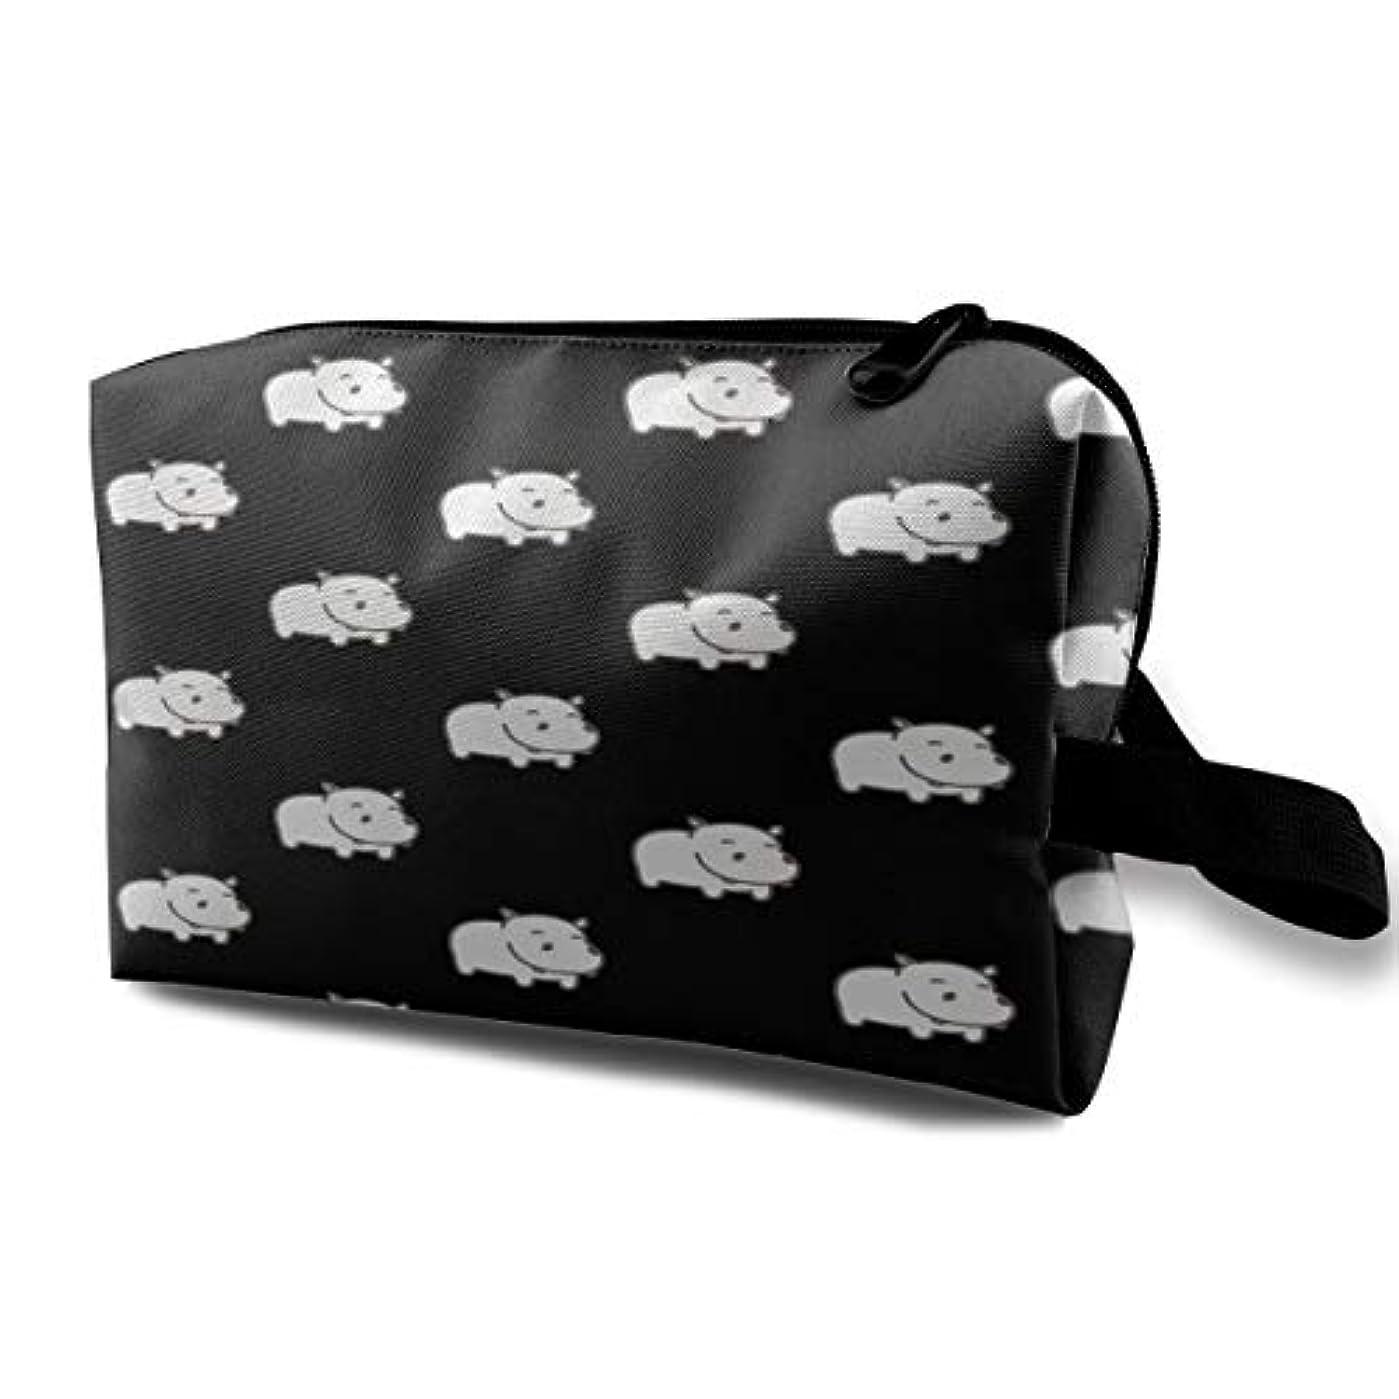 ピッチャー中央紀元前Baby Hippo Pattern 収納ポーチ 化粧ポーチ 大容量 軽量 耐久性 ハンドル付持ち運び便利。入れ 自宅・出張・旅行・アウトドア撮影などに対応。メンズ レディース トラベルグッズ